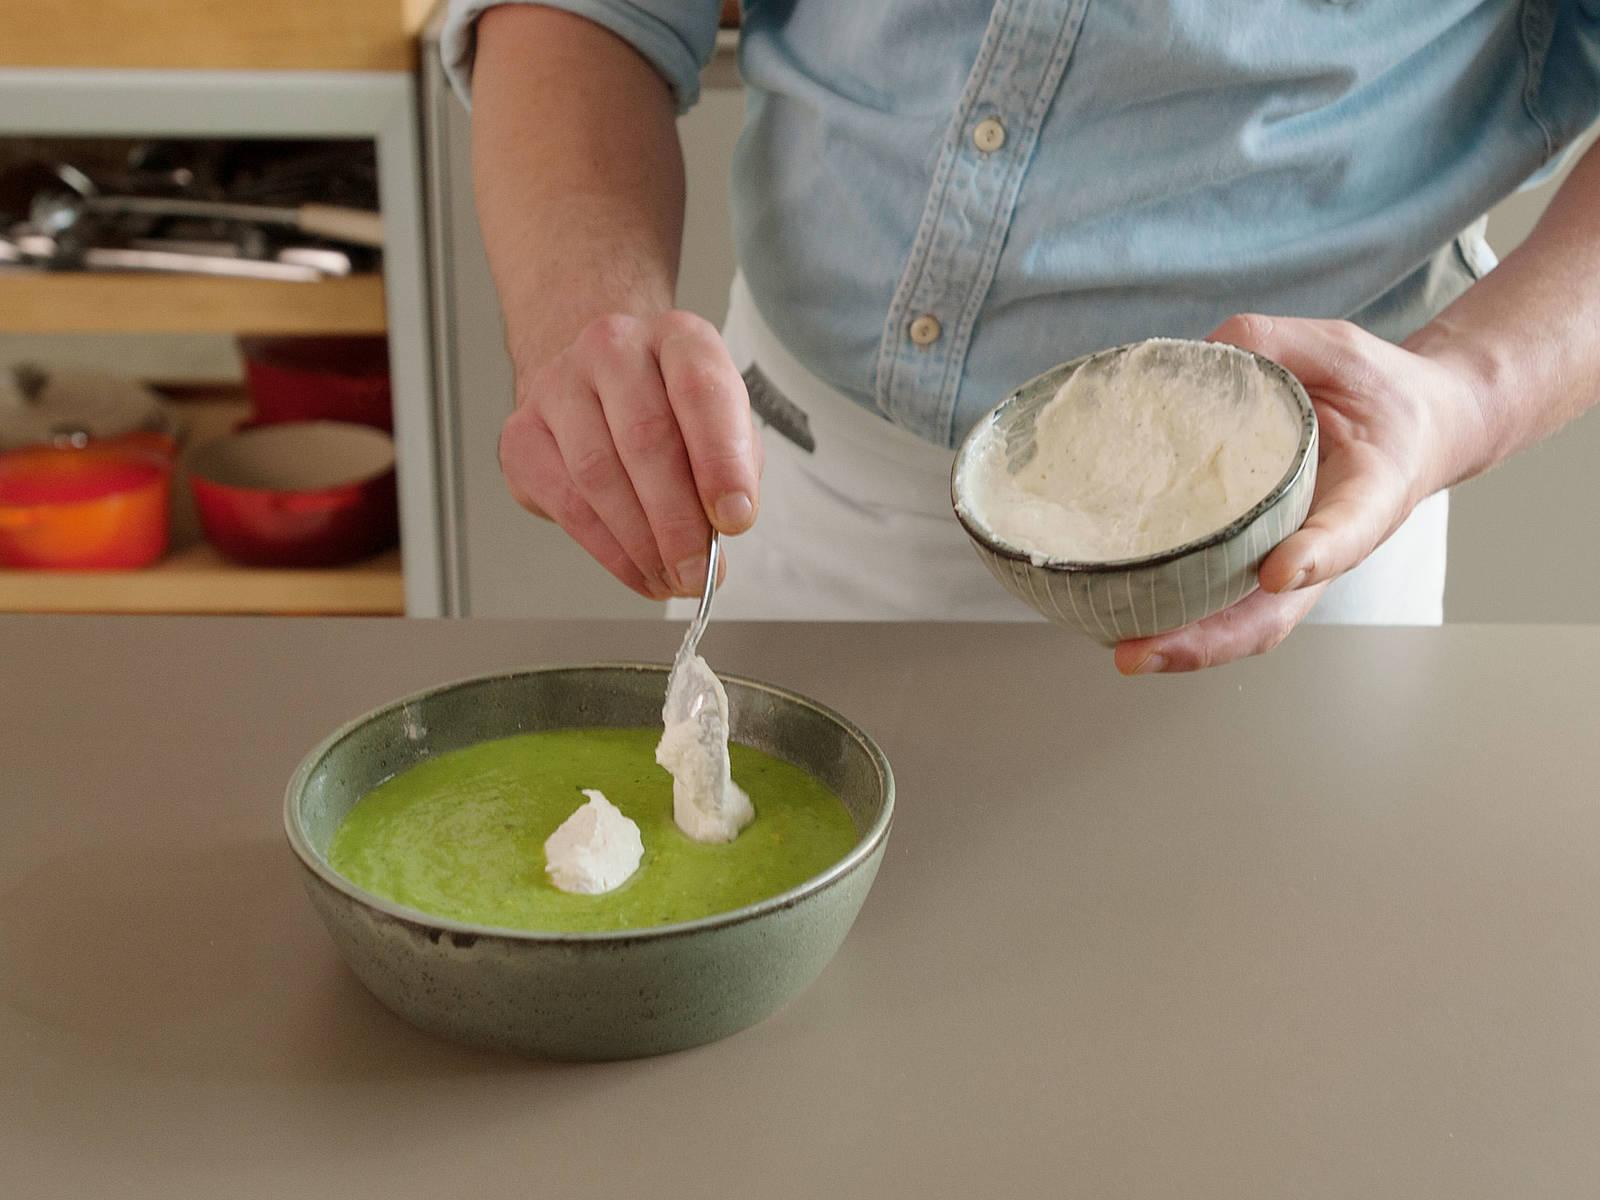 搭配酸奶油酱、烟熏鳟鱼块和薄荷享用豌豆汤。若喜欢,可以撒上更多胡椒,淋上橄榄油。